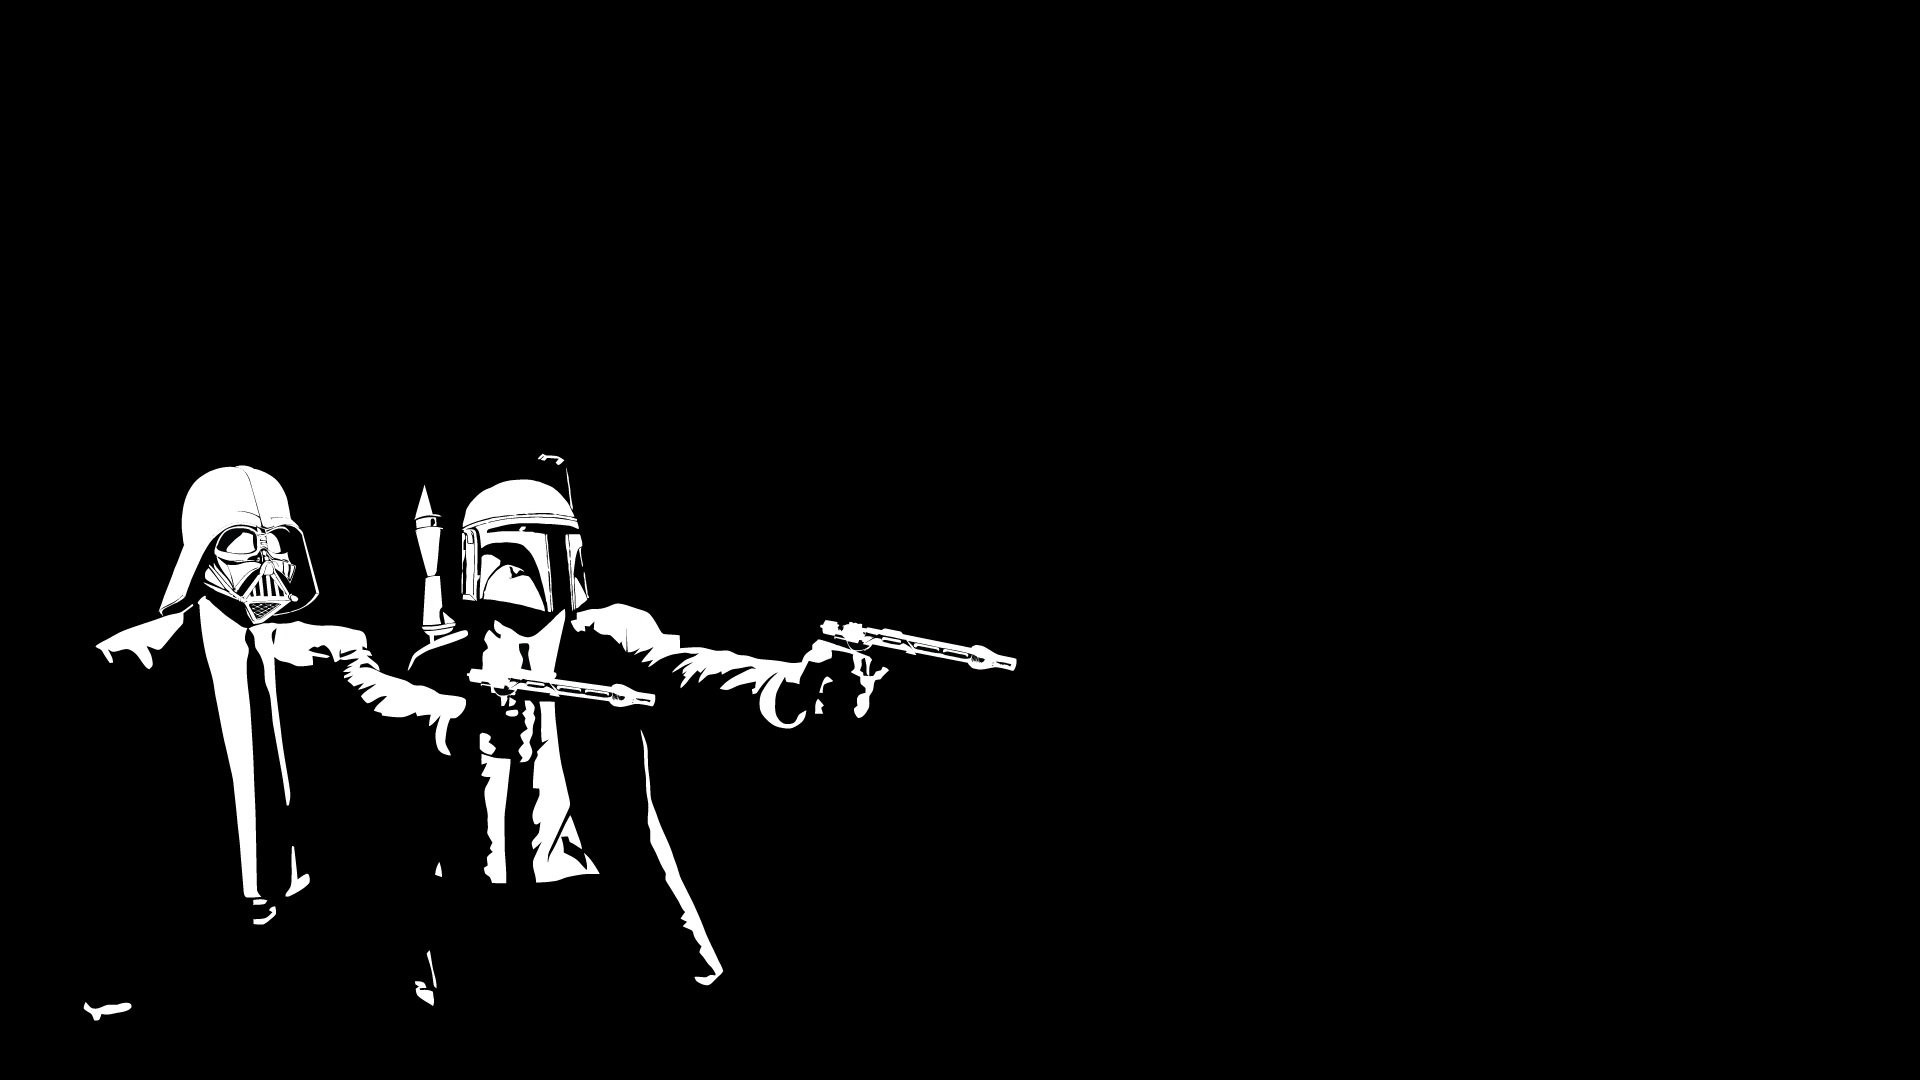 Wars Darth Vader Boba Fett The Boondock Saints wallpaper | .